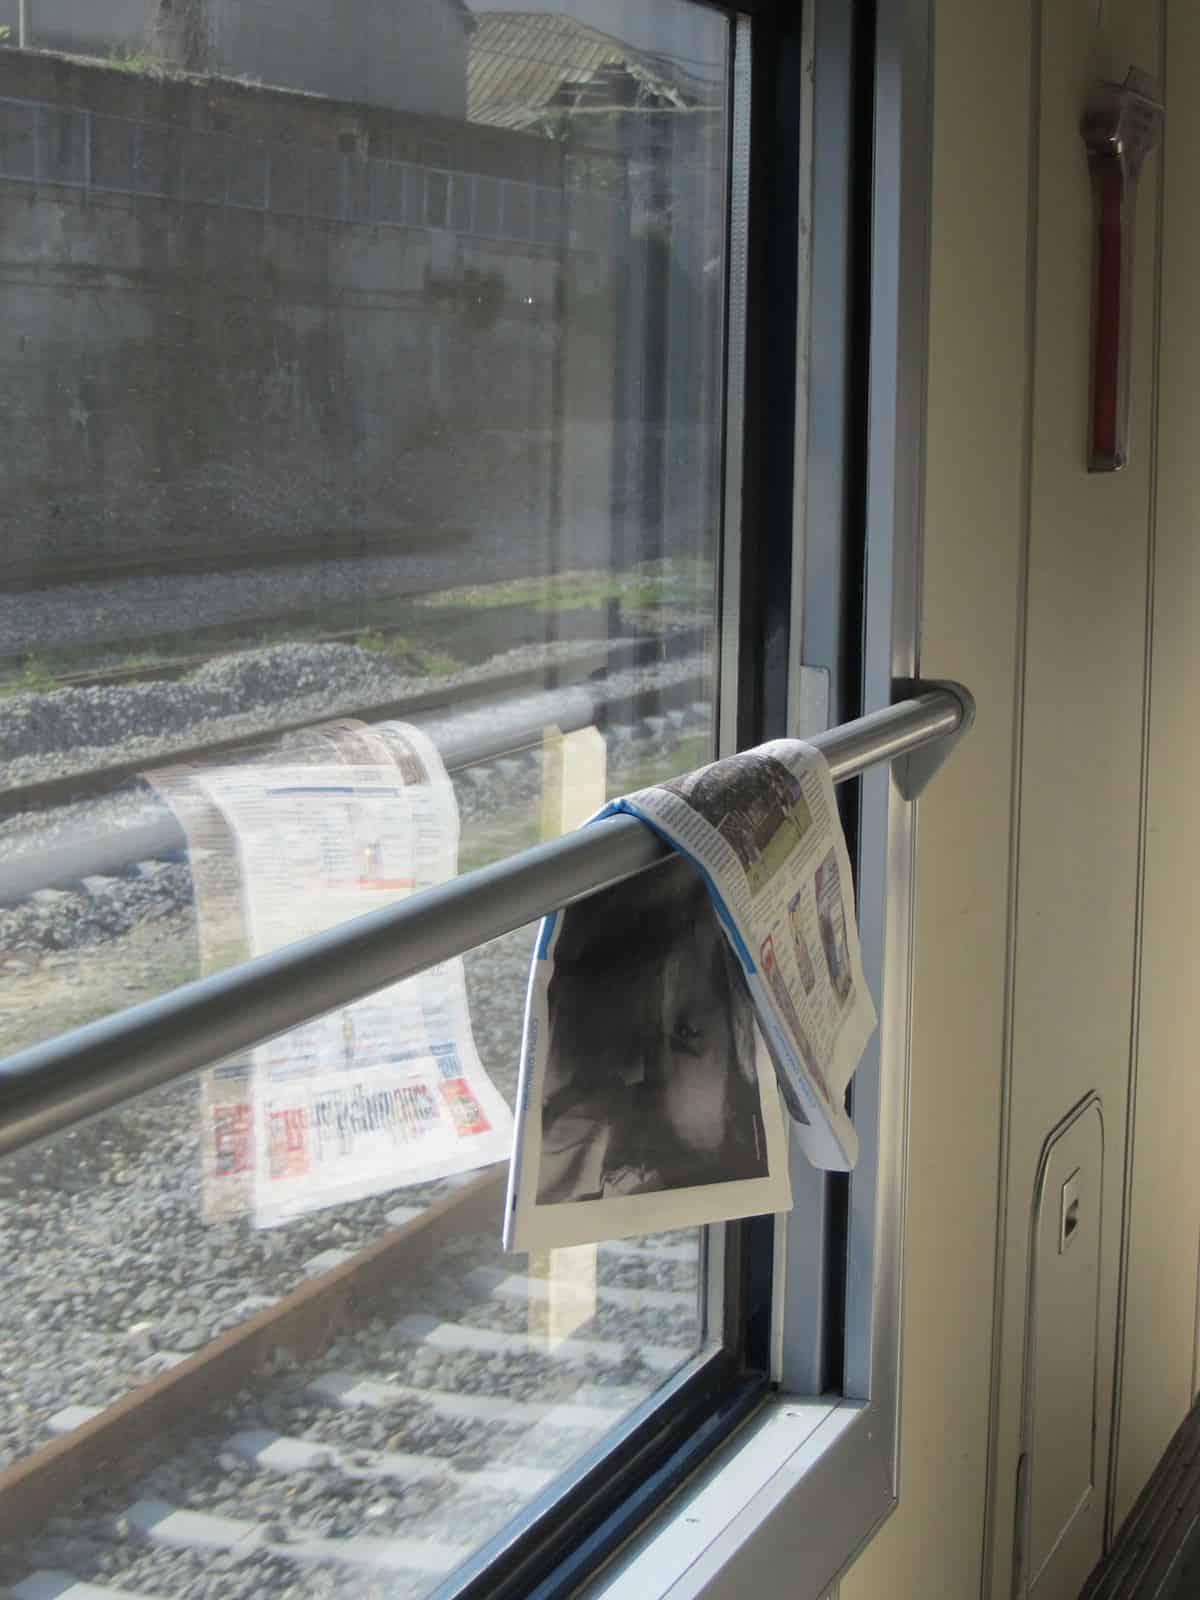 Schönes Detail in italienischen Nachtzügen: Zeitungen am Morgen